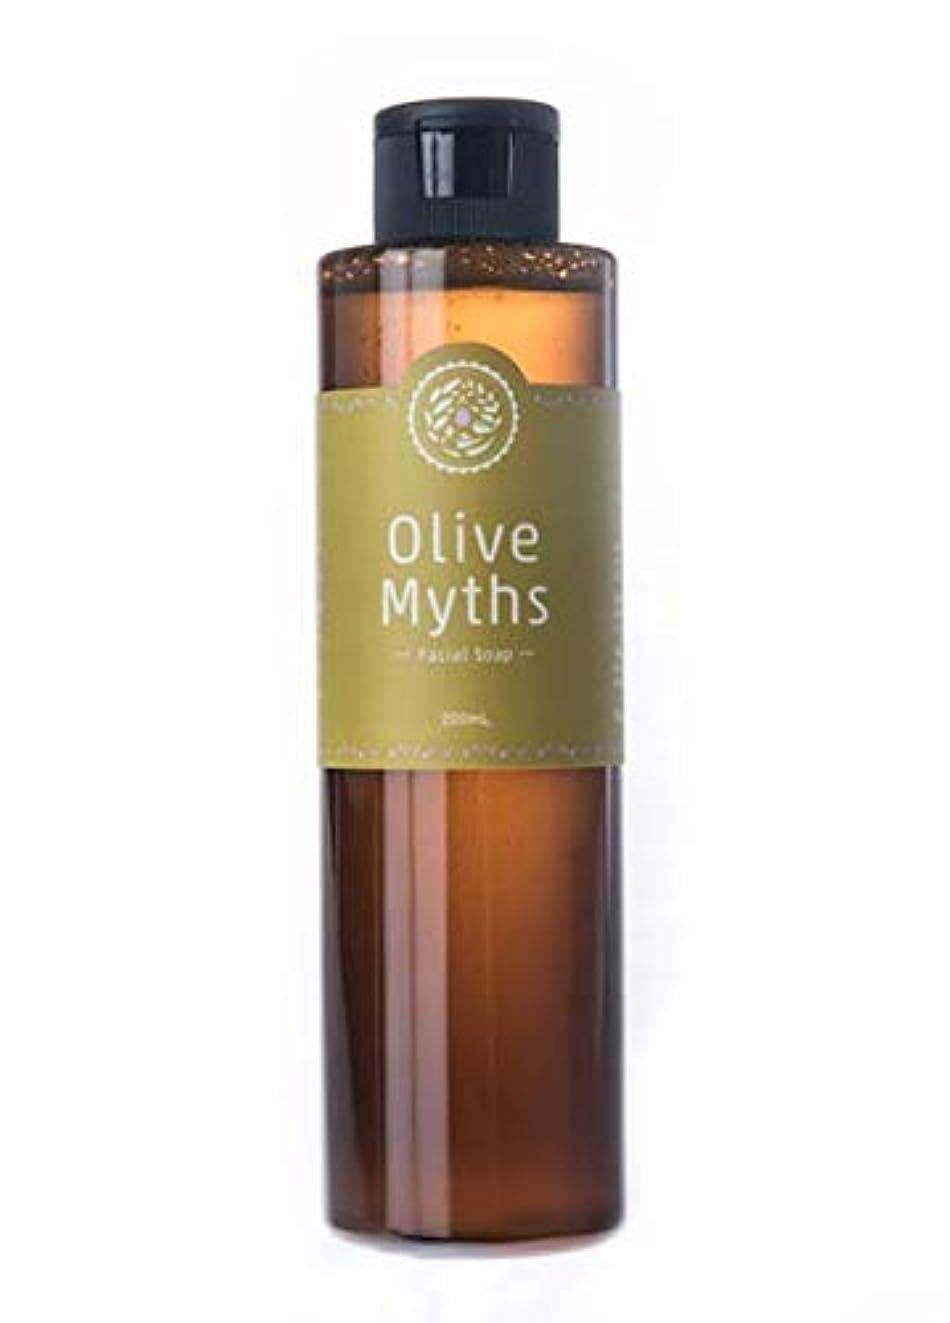 インド性的疑い者maestria. OliveMyths 『Olive Myths フェイシャルソープ』200ml MJOM-002